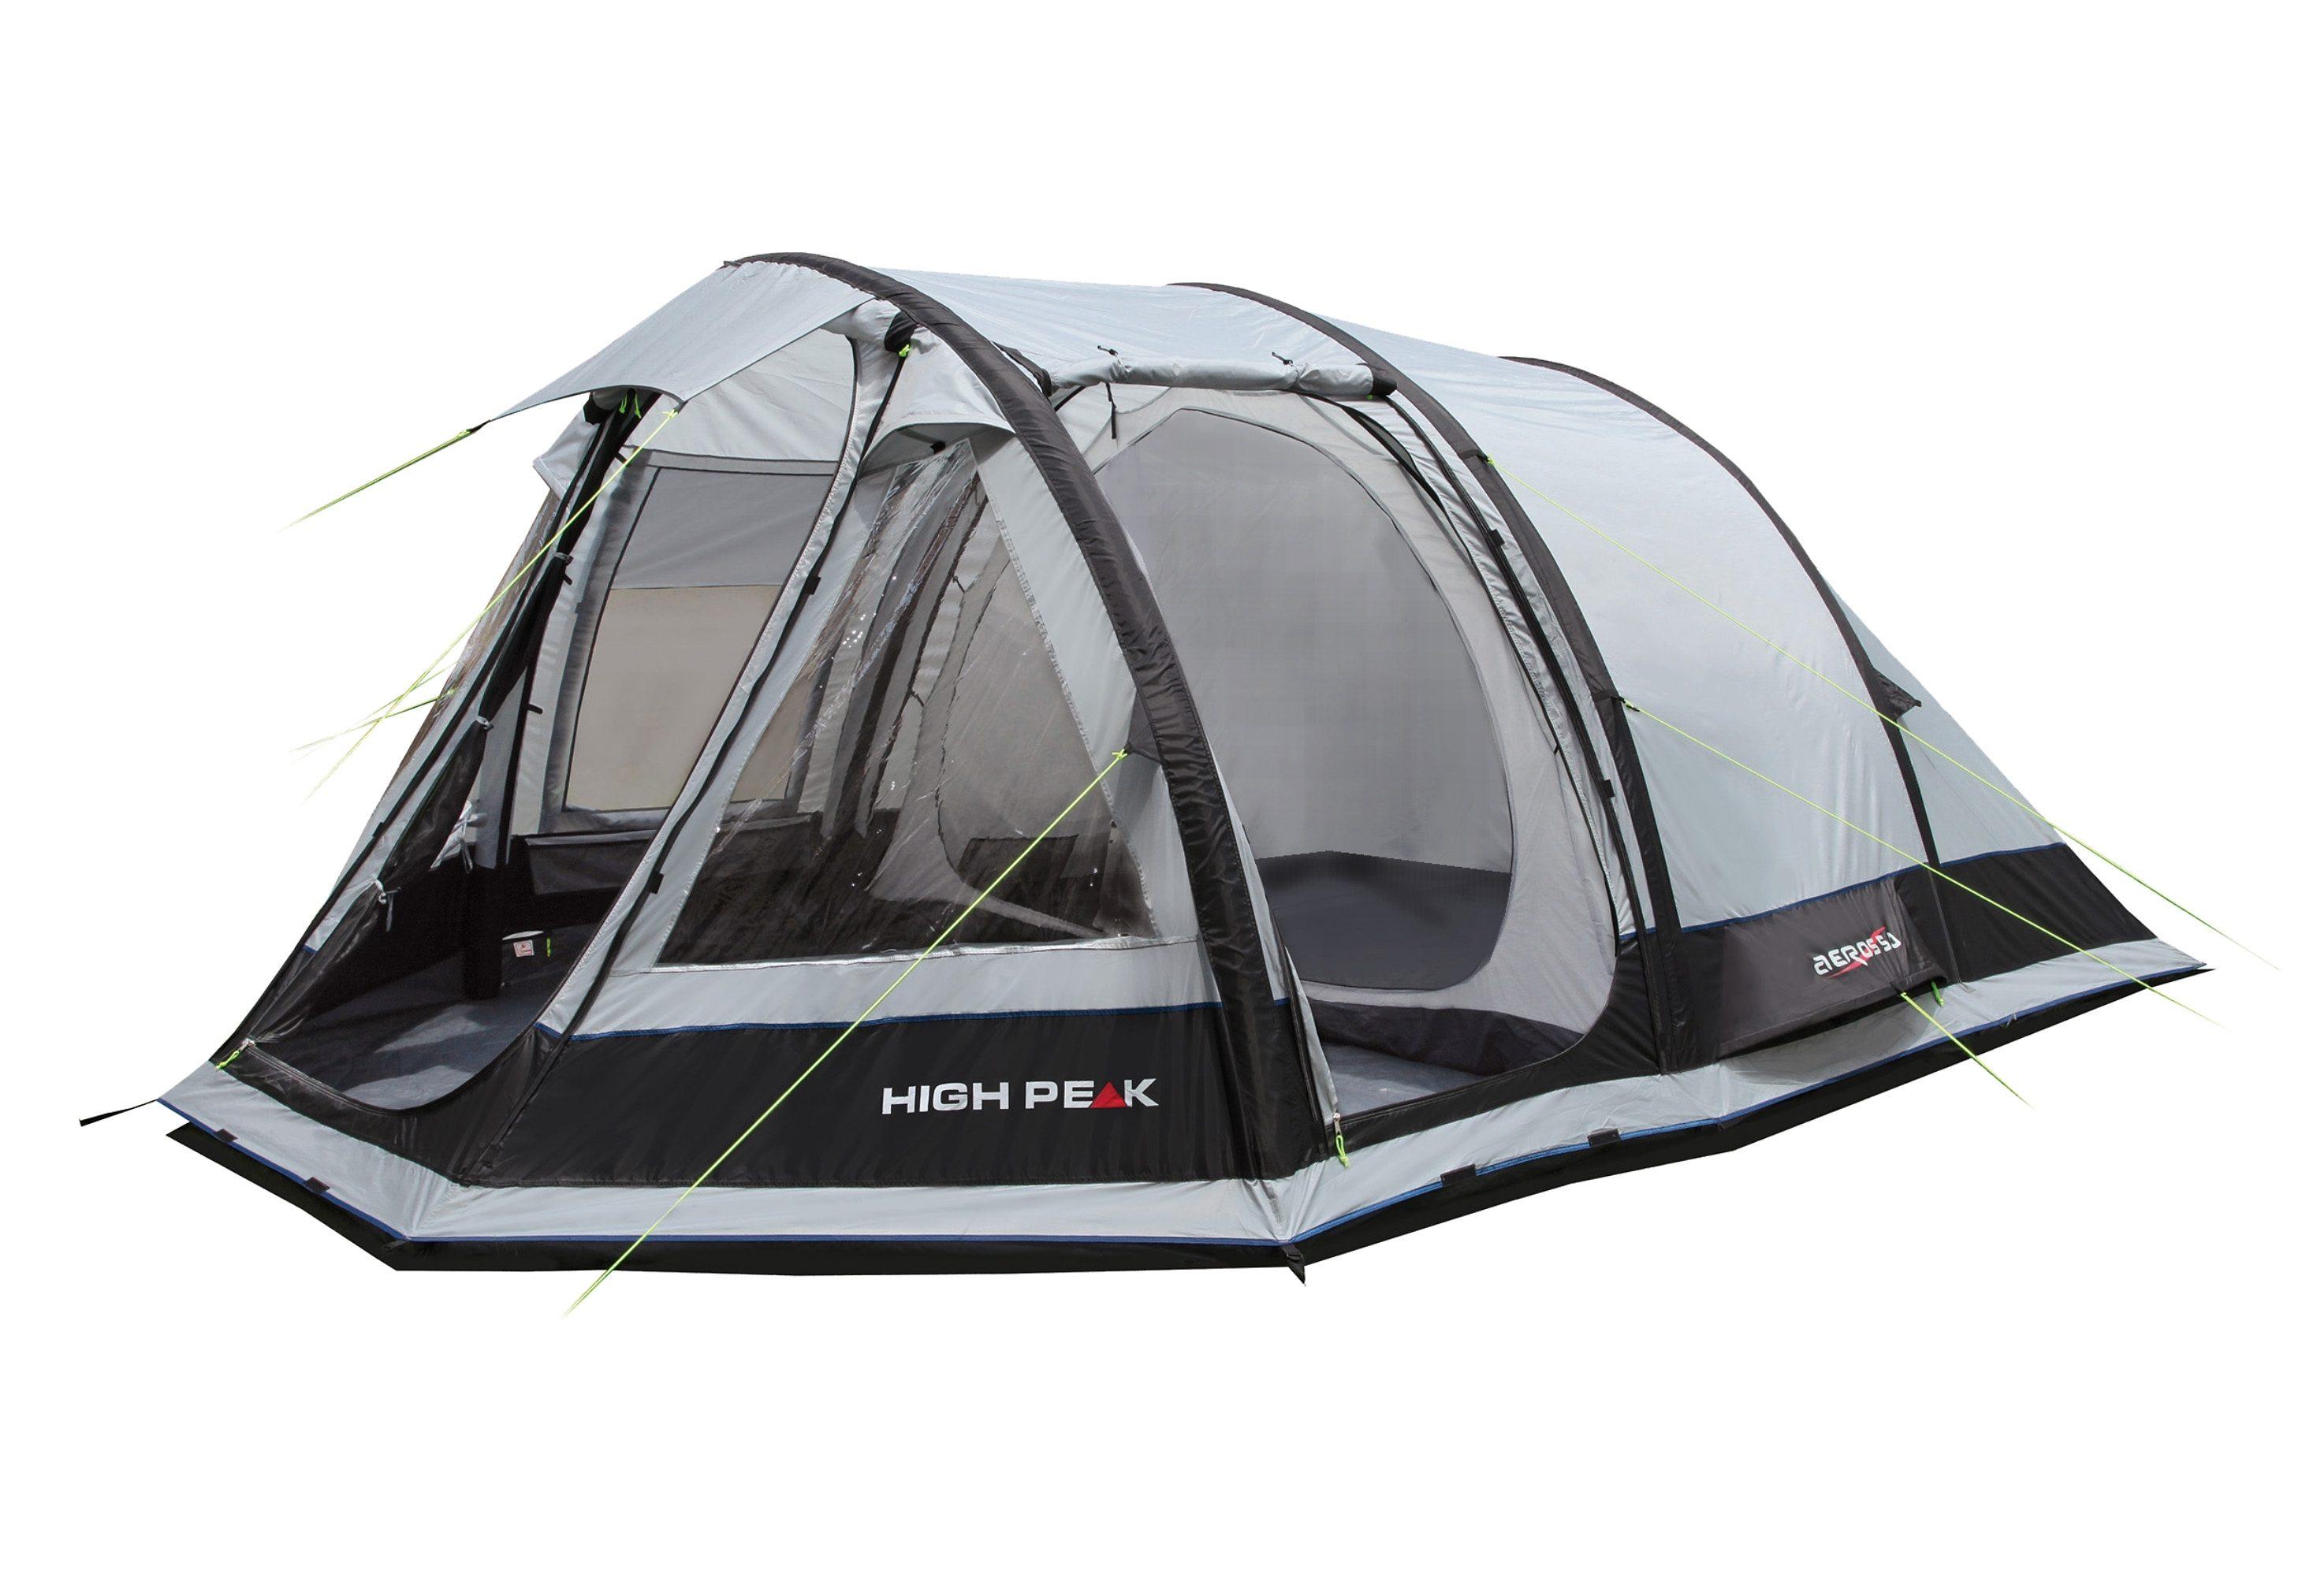 High Peak Aufblas-Zelt, 3 Personen, »Aeros 3«